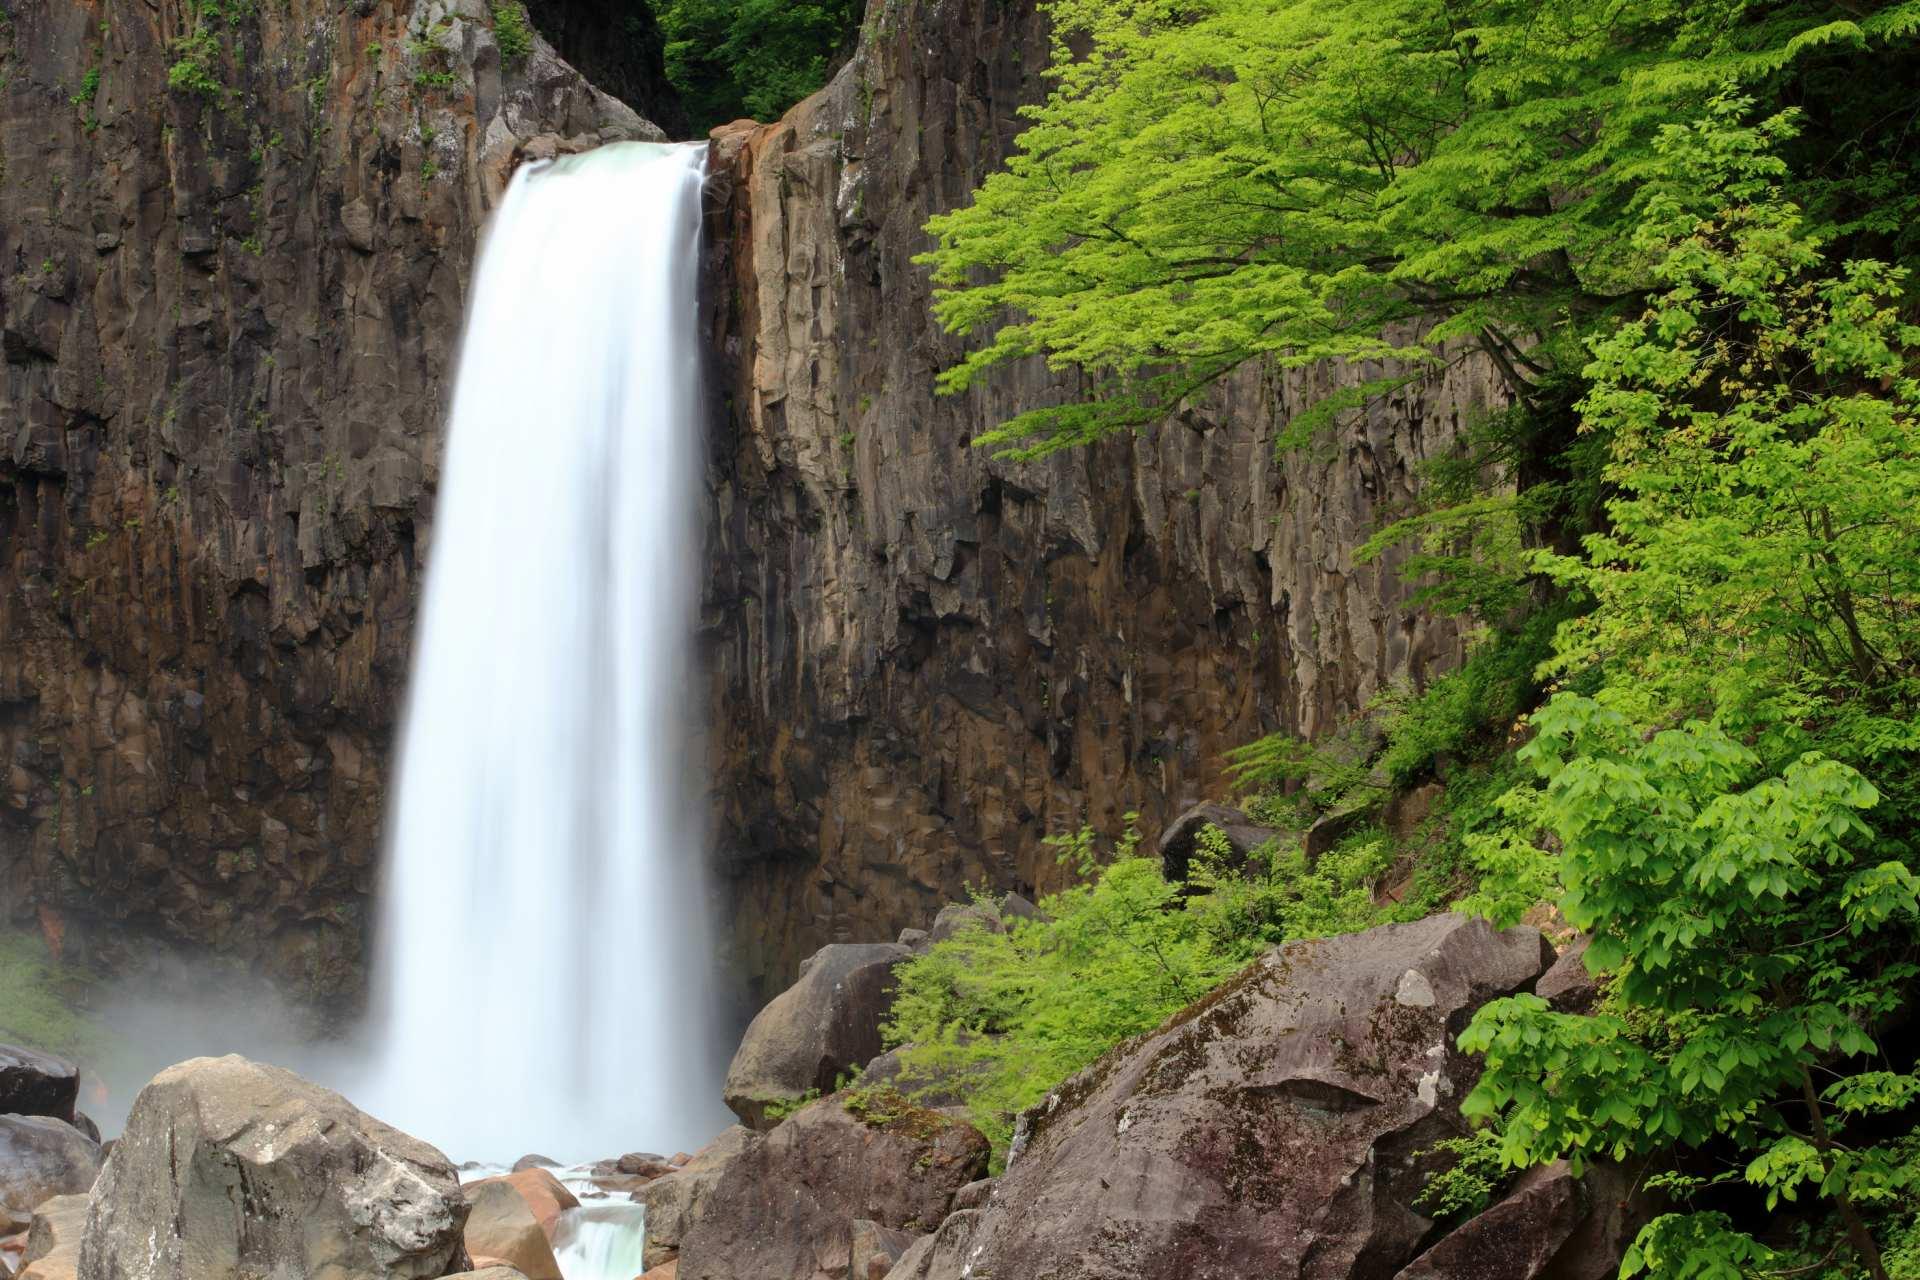 妙高高原、苗名瀑布、杉野沢、日本瀑布百選、溪谷、負離子